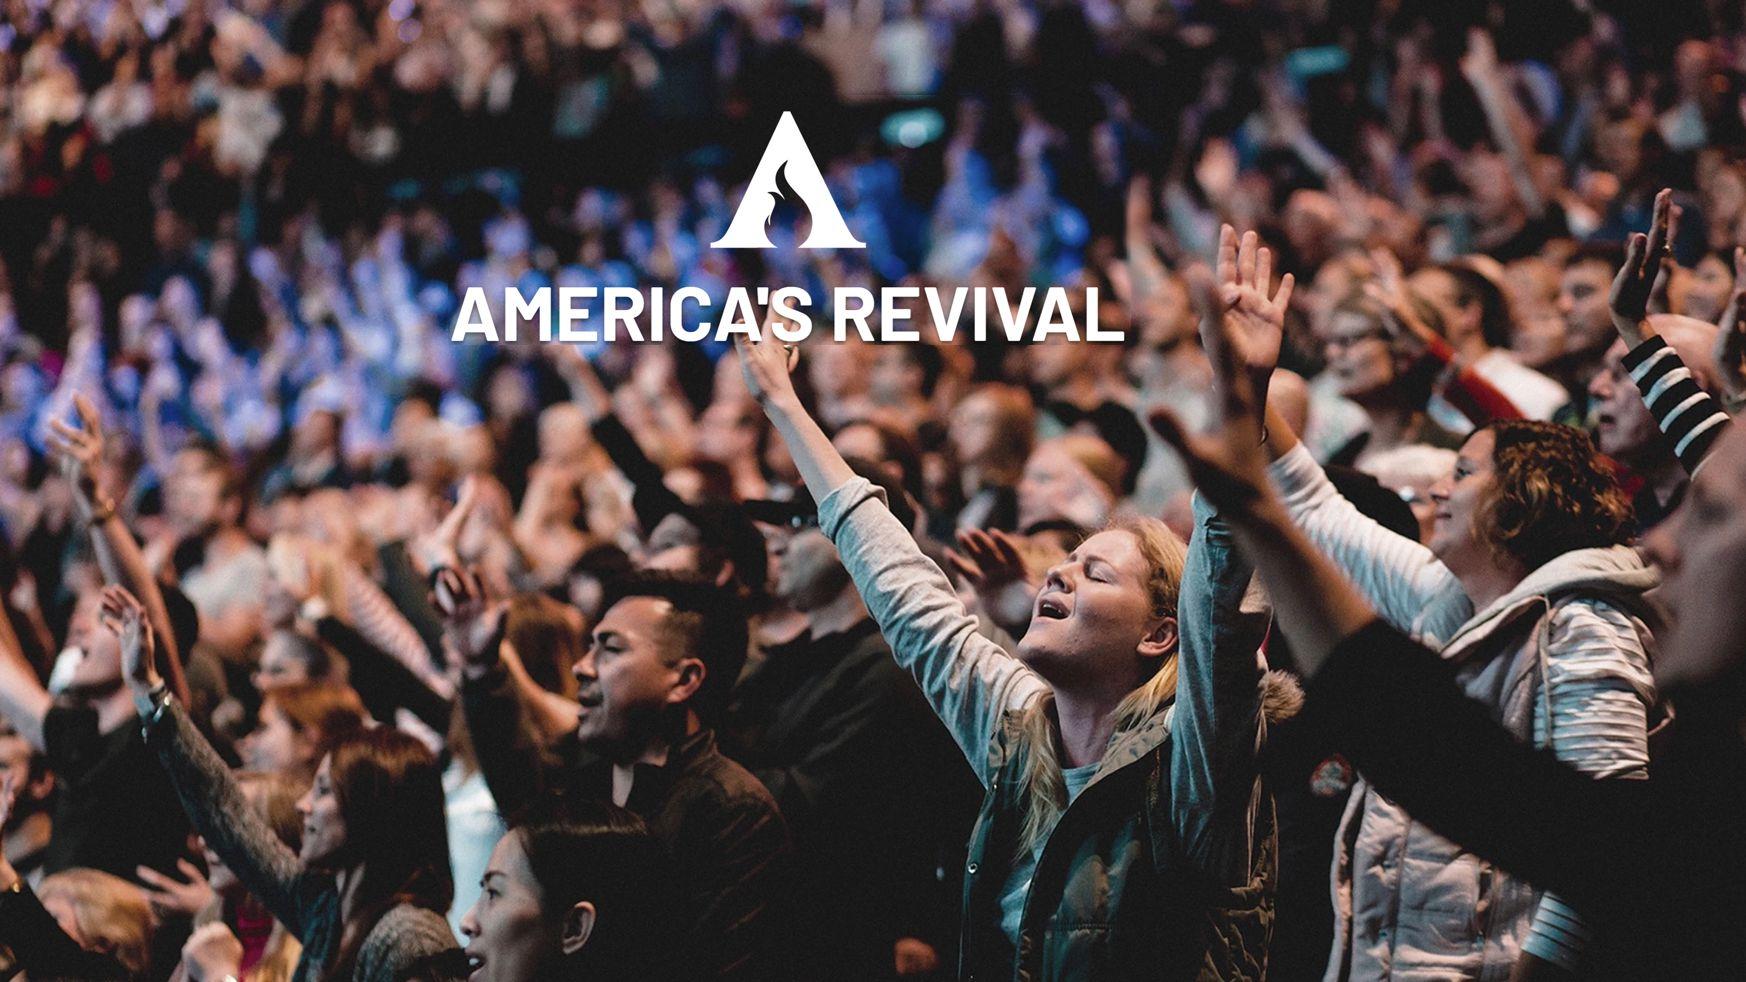 America's Revival